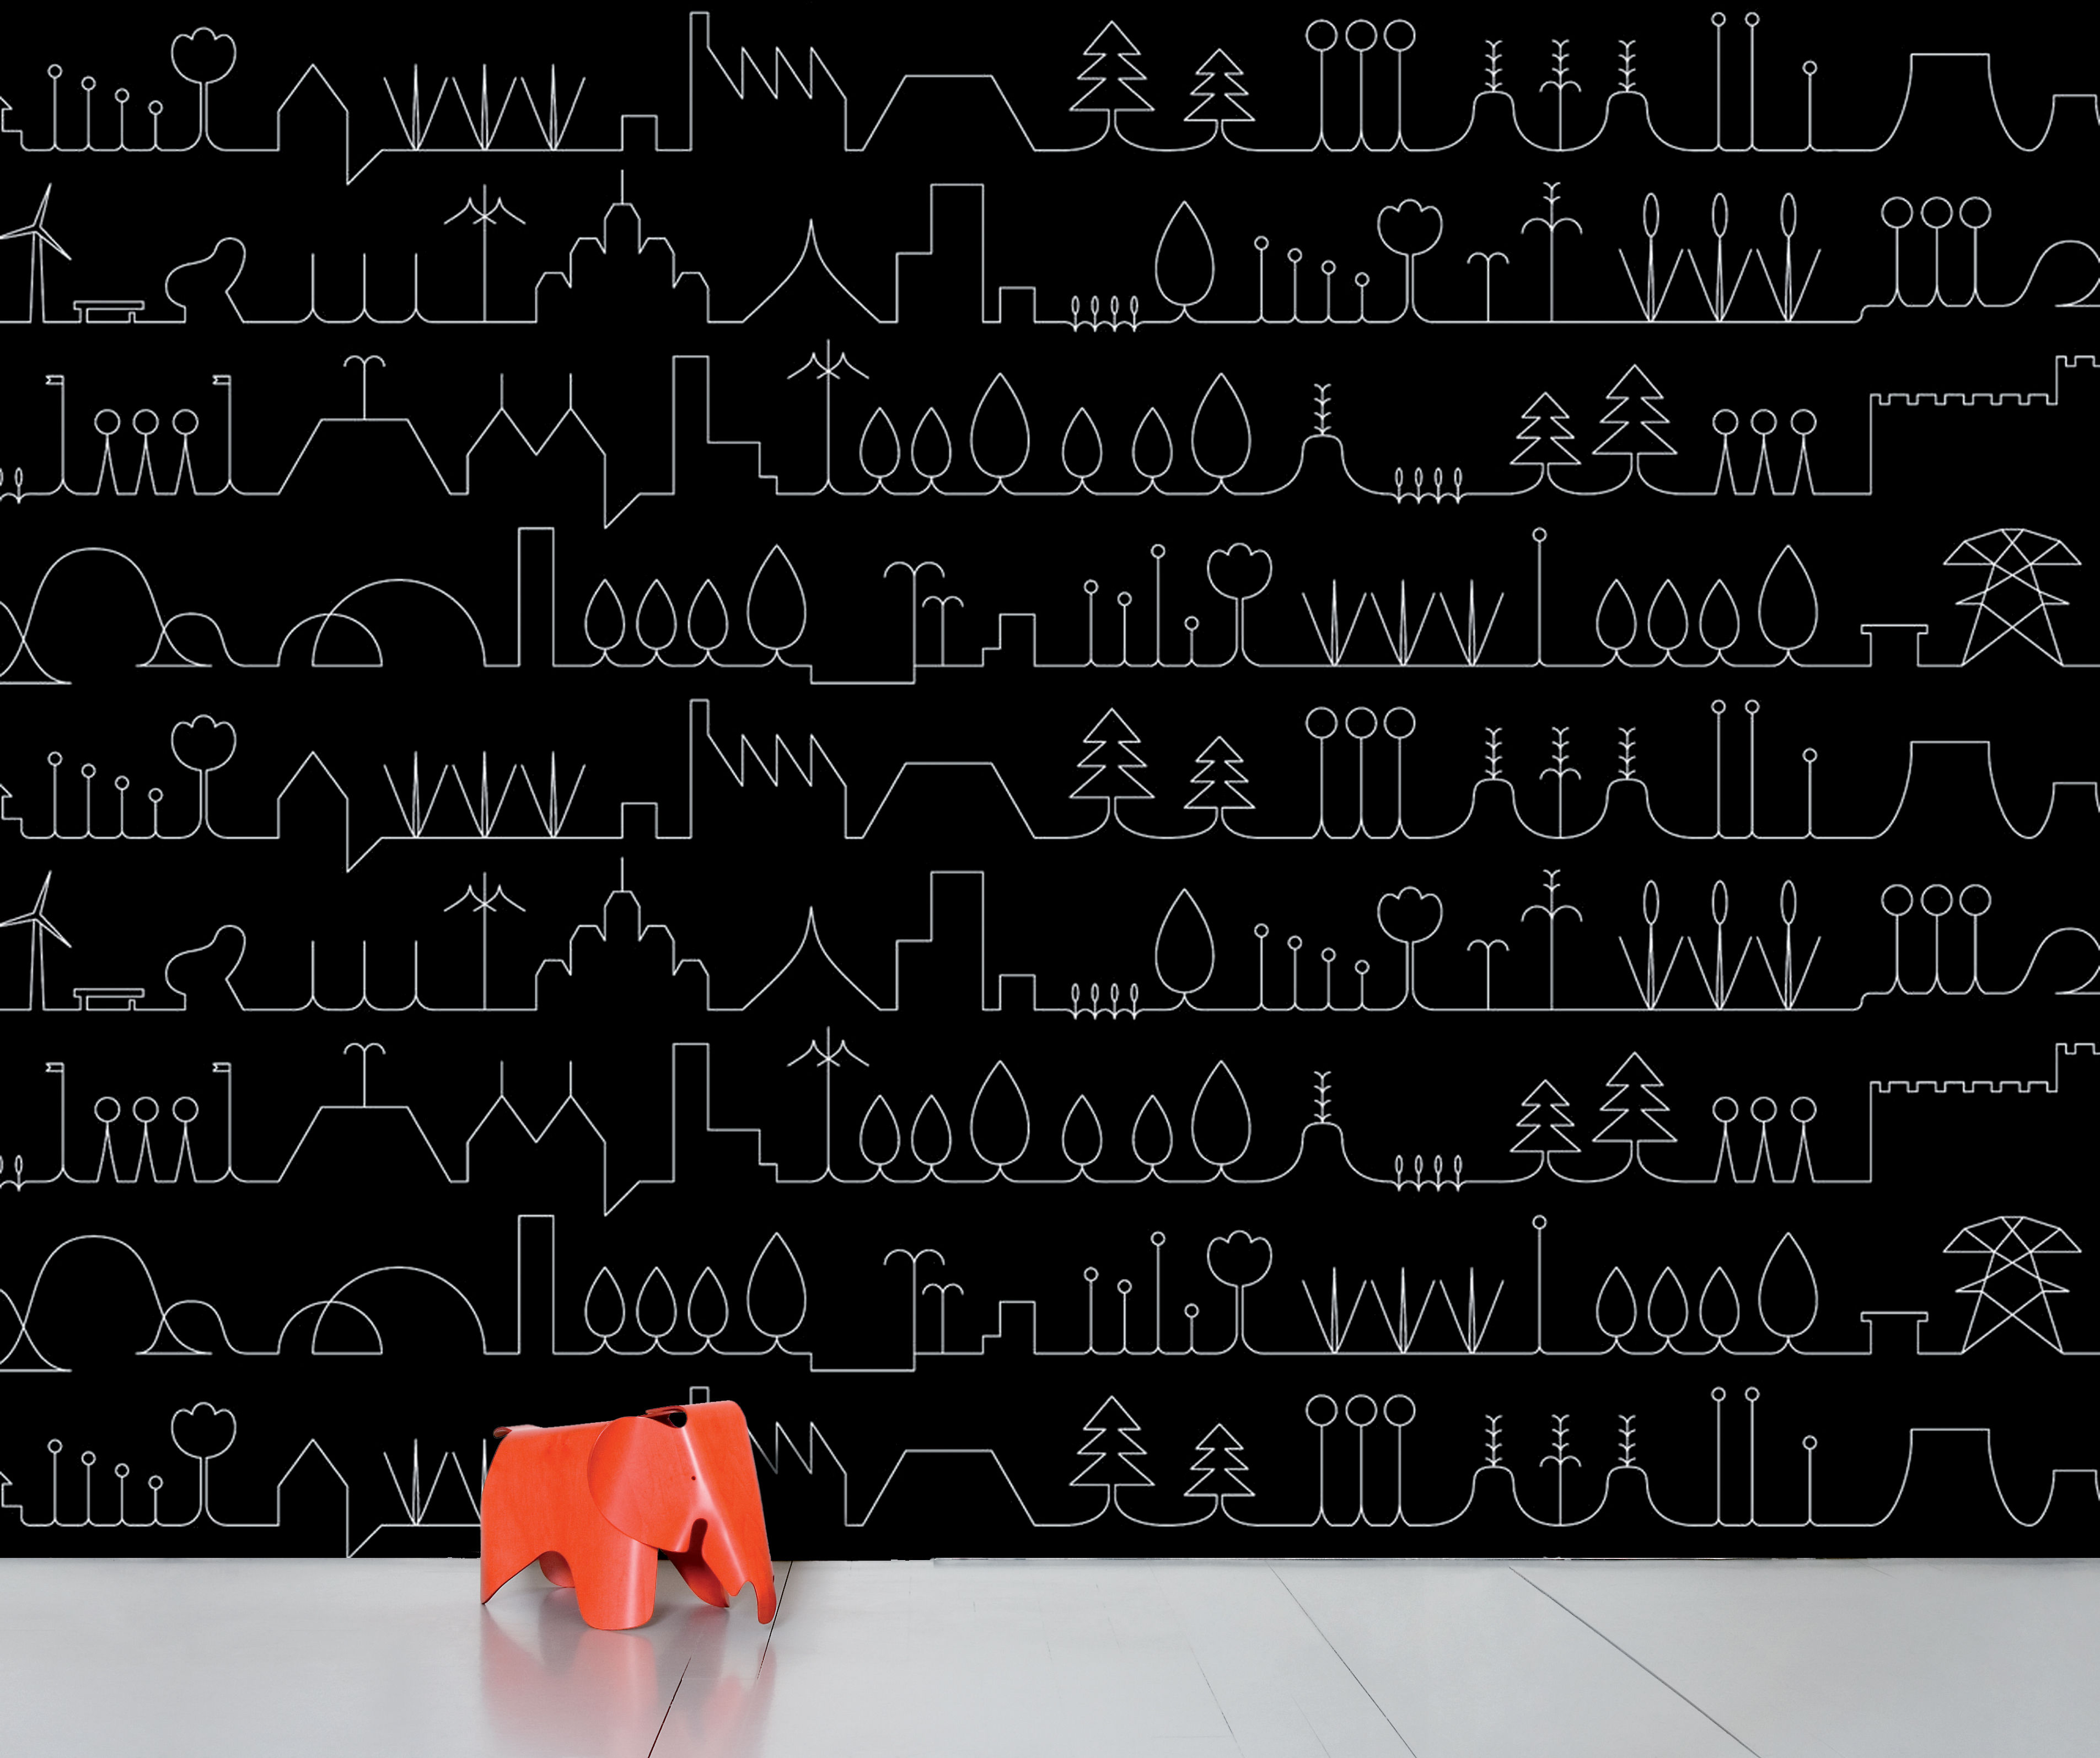 Interni - Sticker - Carta da parati panoramica WallpaperLab Promenade - / Panoramica - 8 strisce - Edizione limitata di Domestic - Promenade (Passeggiata) / Nero & bianco - Tessuto non tessuto